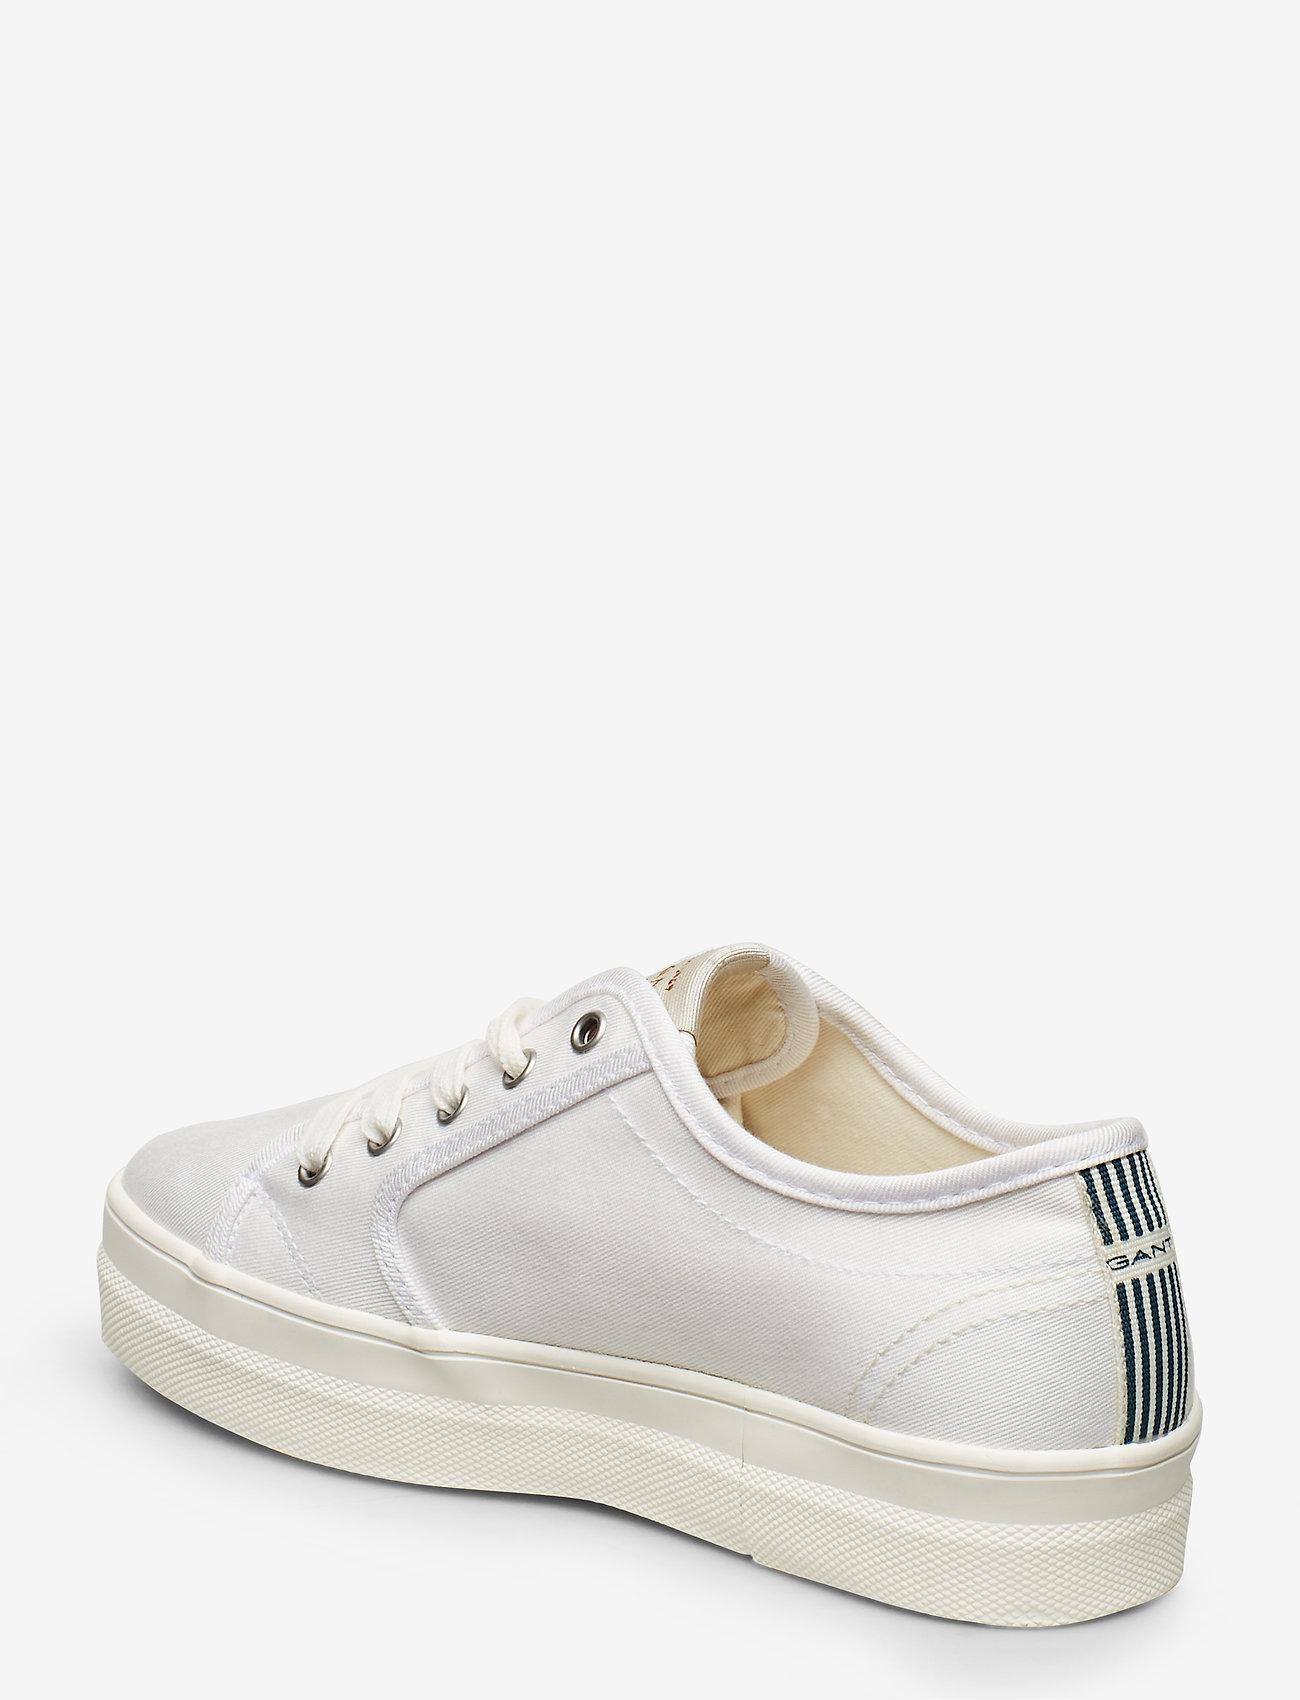 Leisha Low Lace Shoes (White) (489.30 kr) - GANT